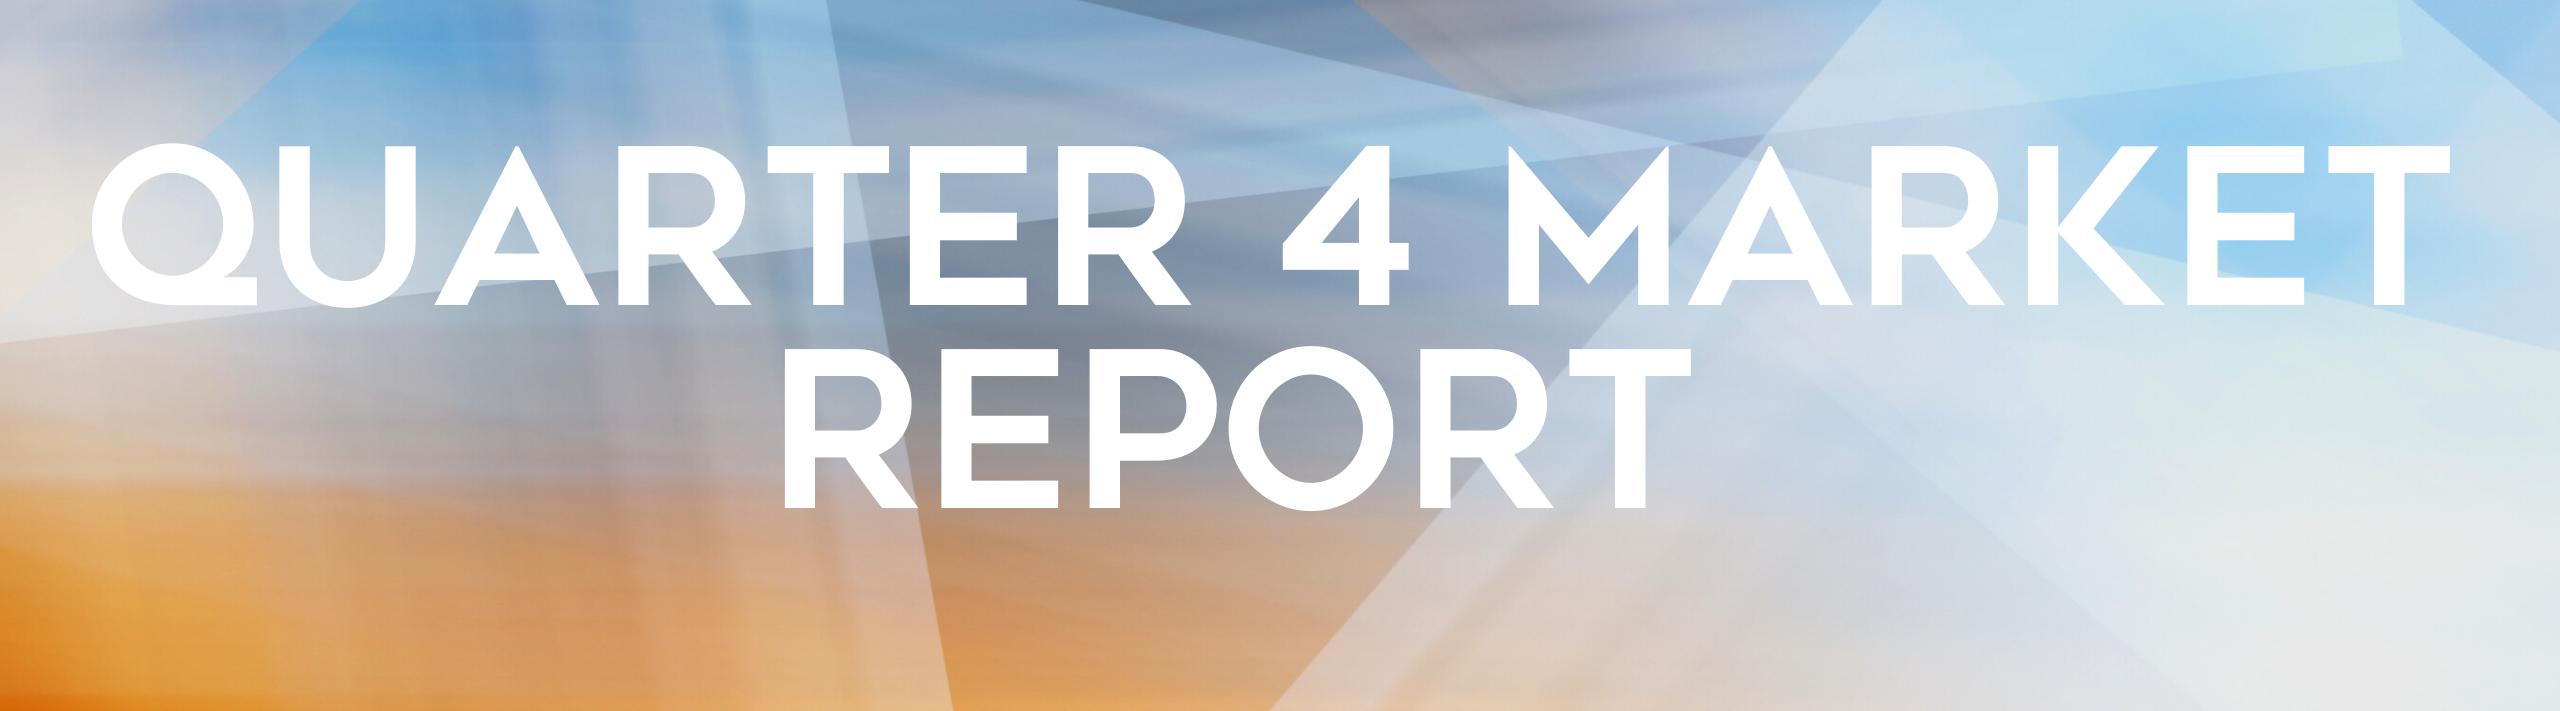 Twin Falls Quarter 4 Market Report